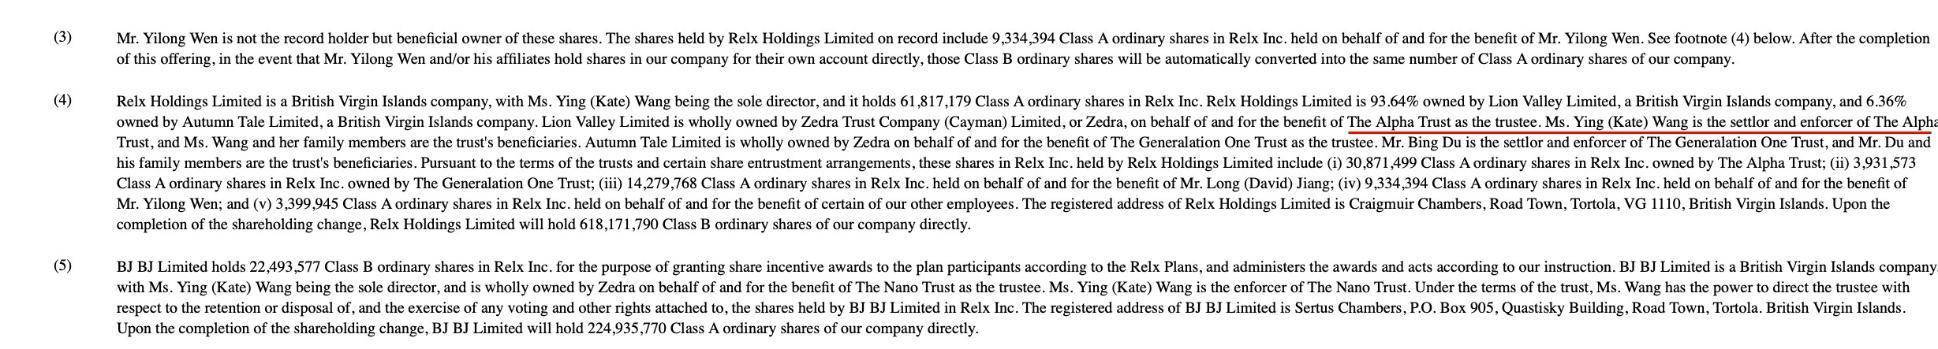 雾芯科技IPO 创始人持股比例应该这样算